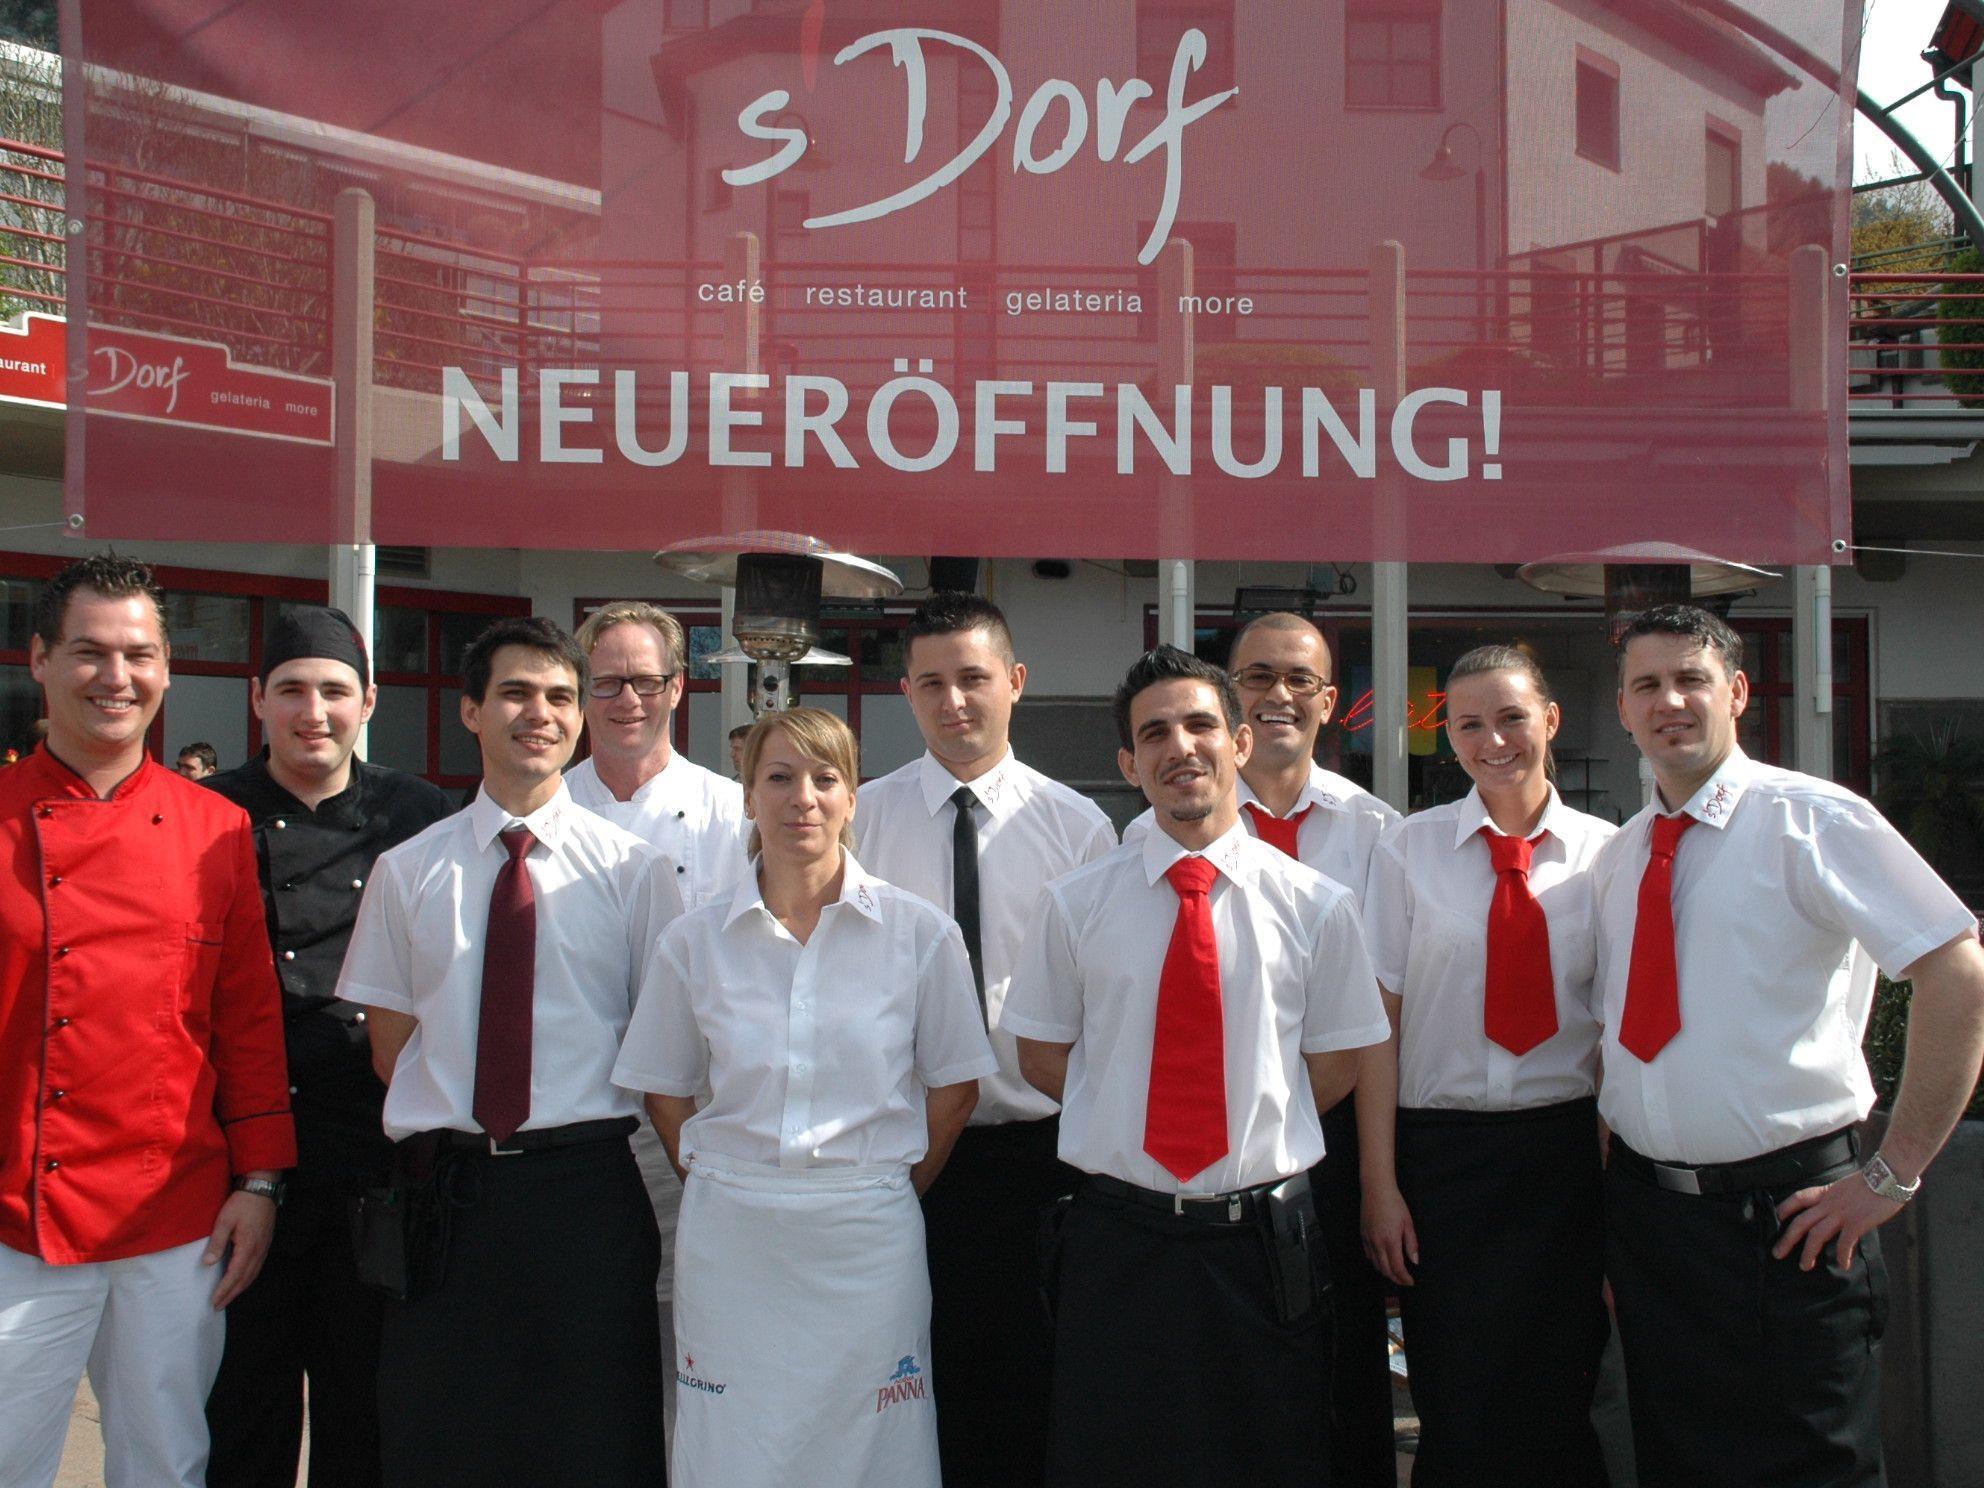 Patrick Raid (ganz links) feierte kürzlich die Neueröffnung des Dorf Cafes im Götzner Zentrum